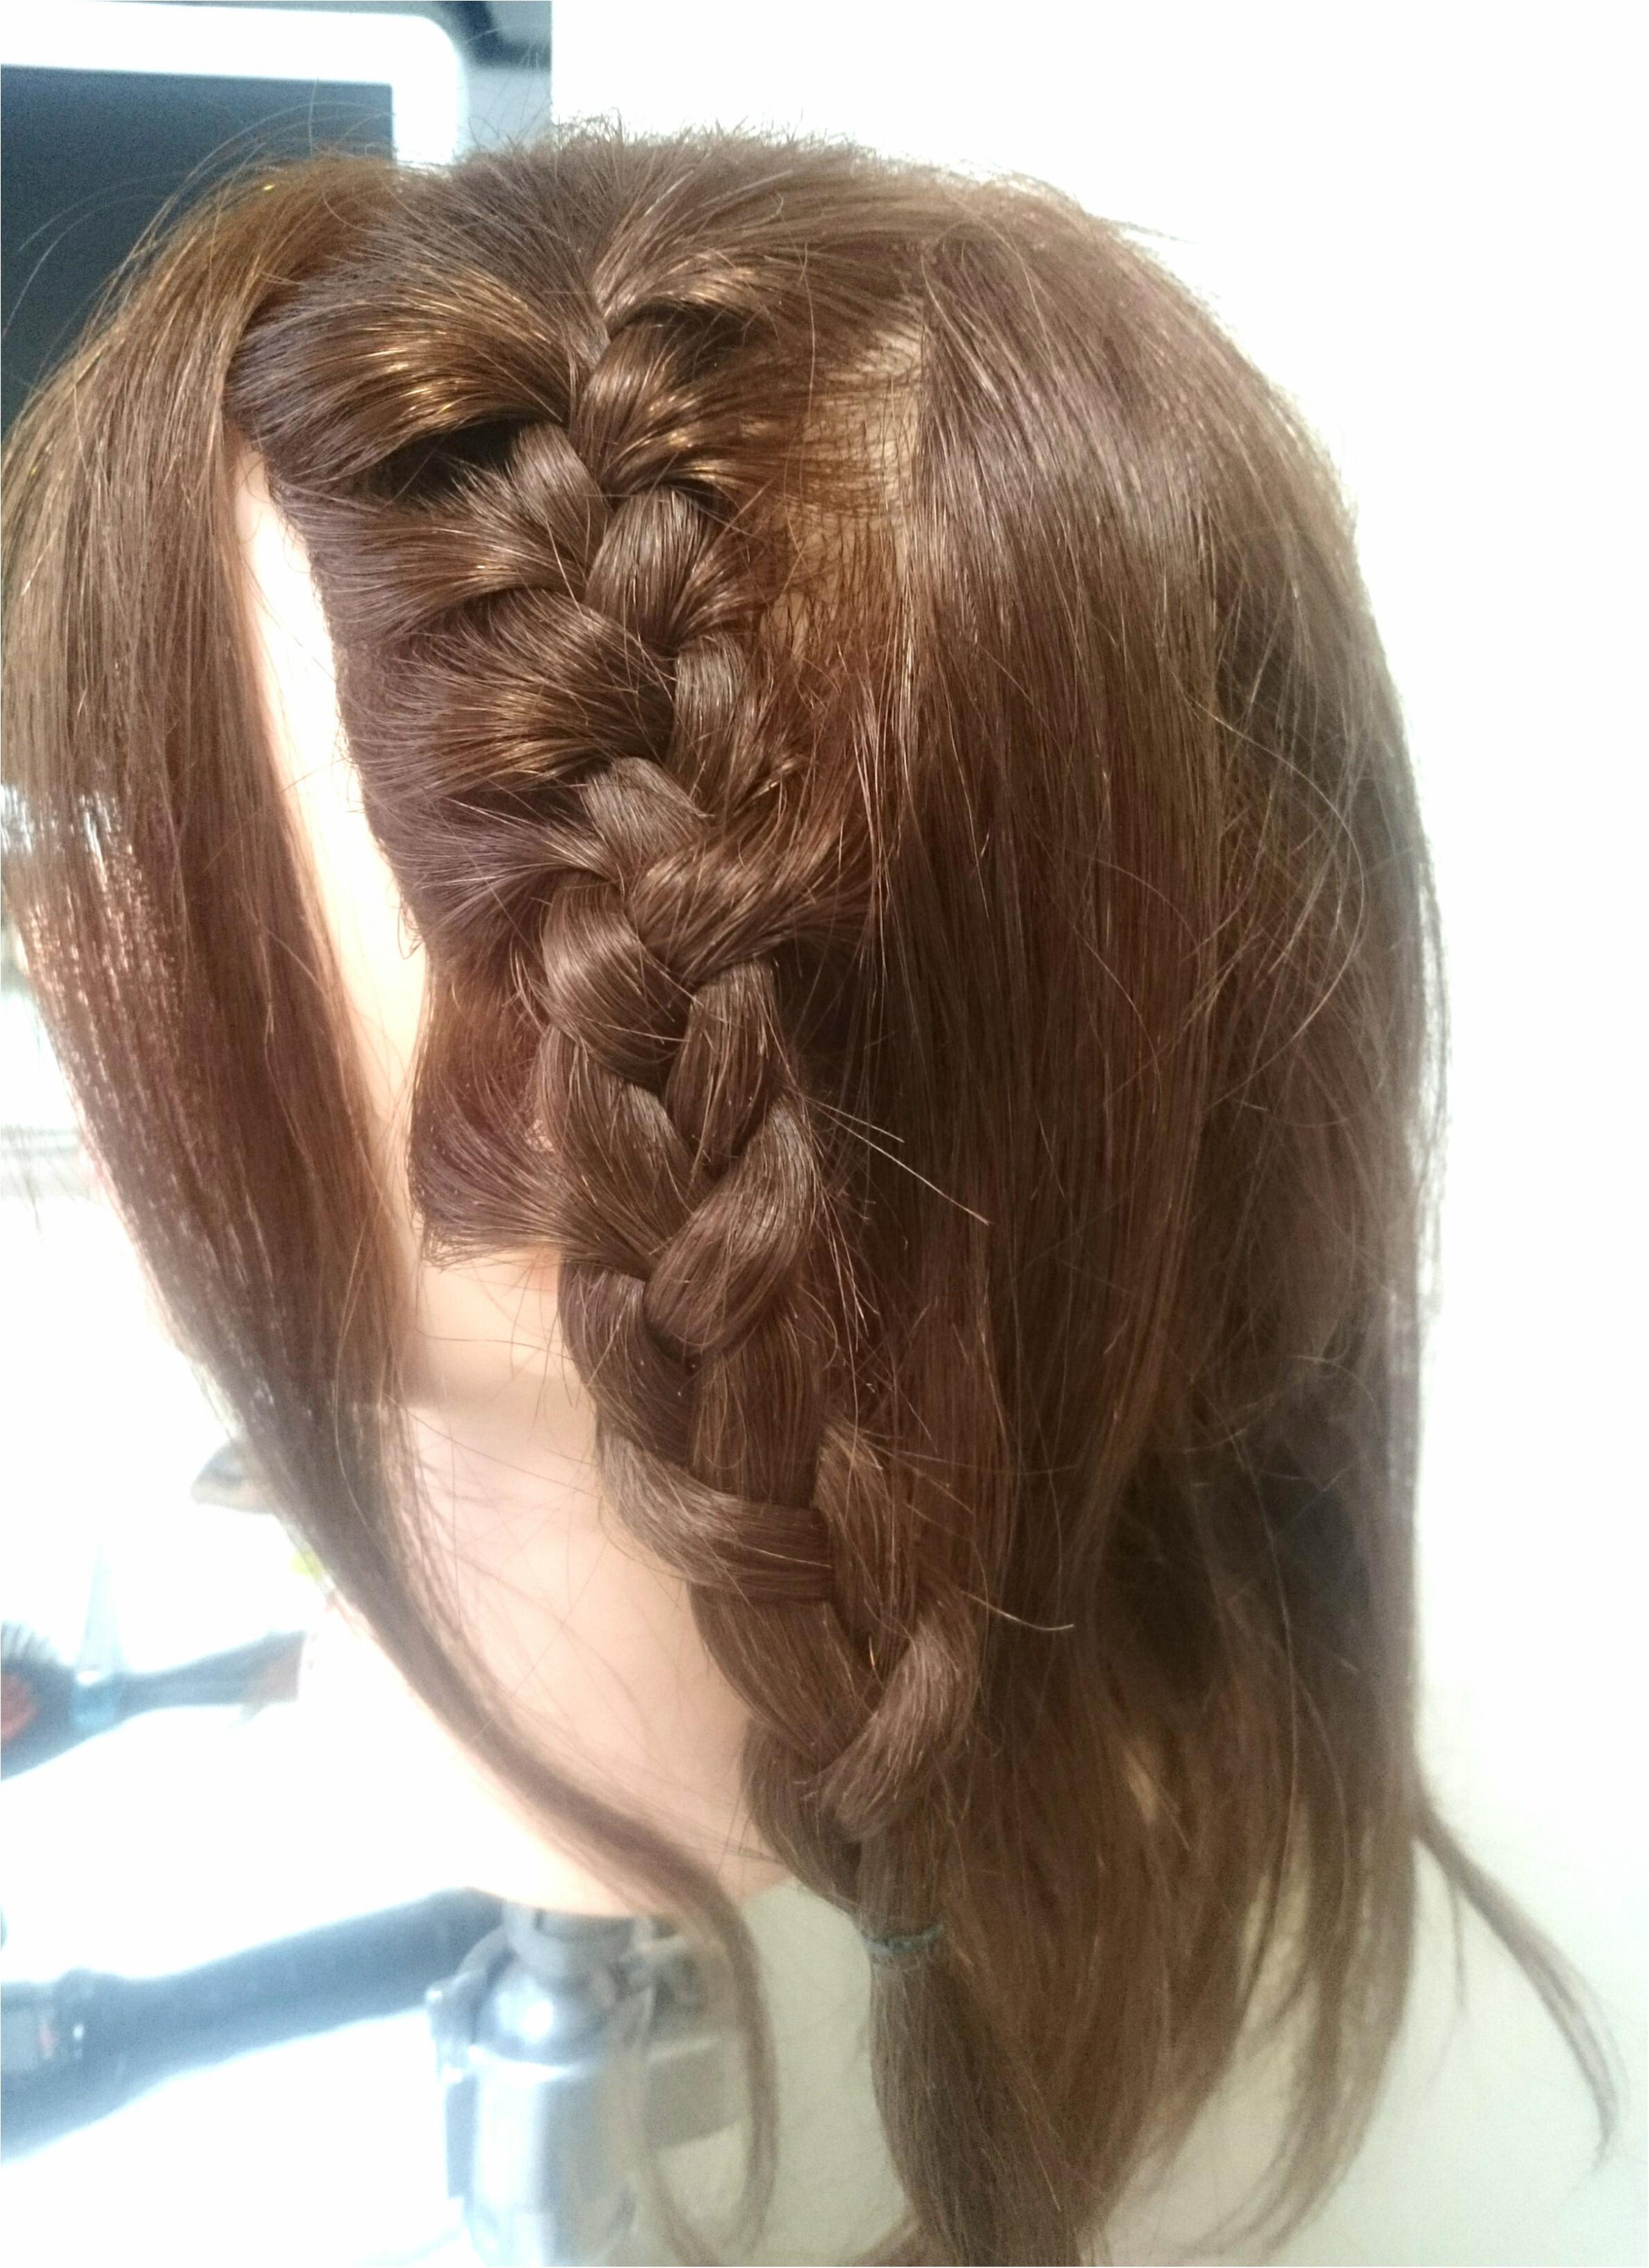 編み込みをうまくできるようになりたくてヘアアレンジレッスンに行ってきました!_1